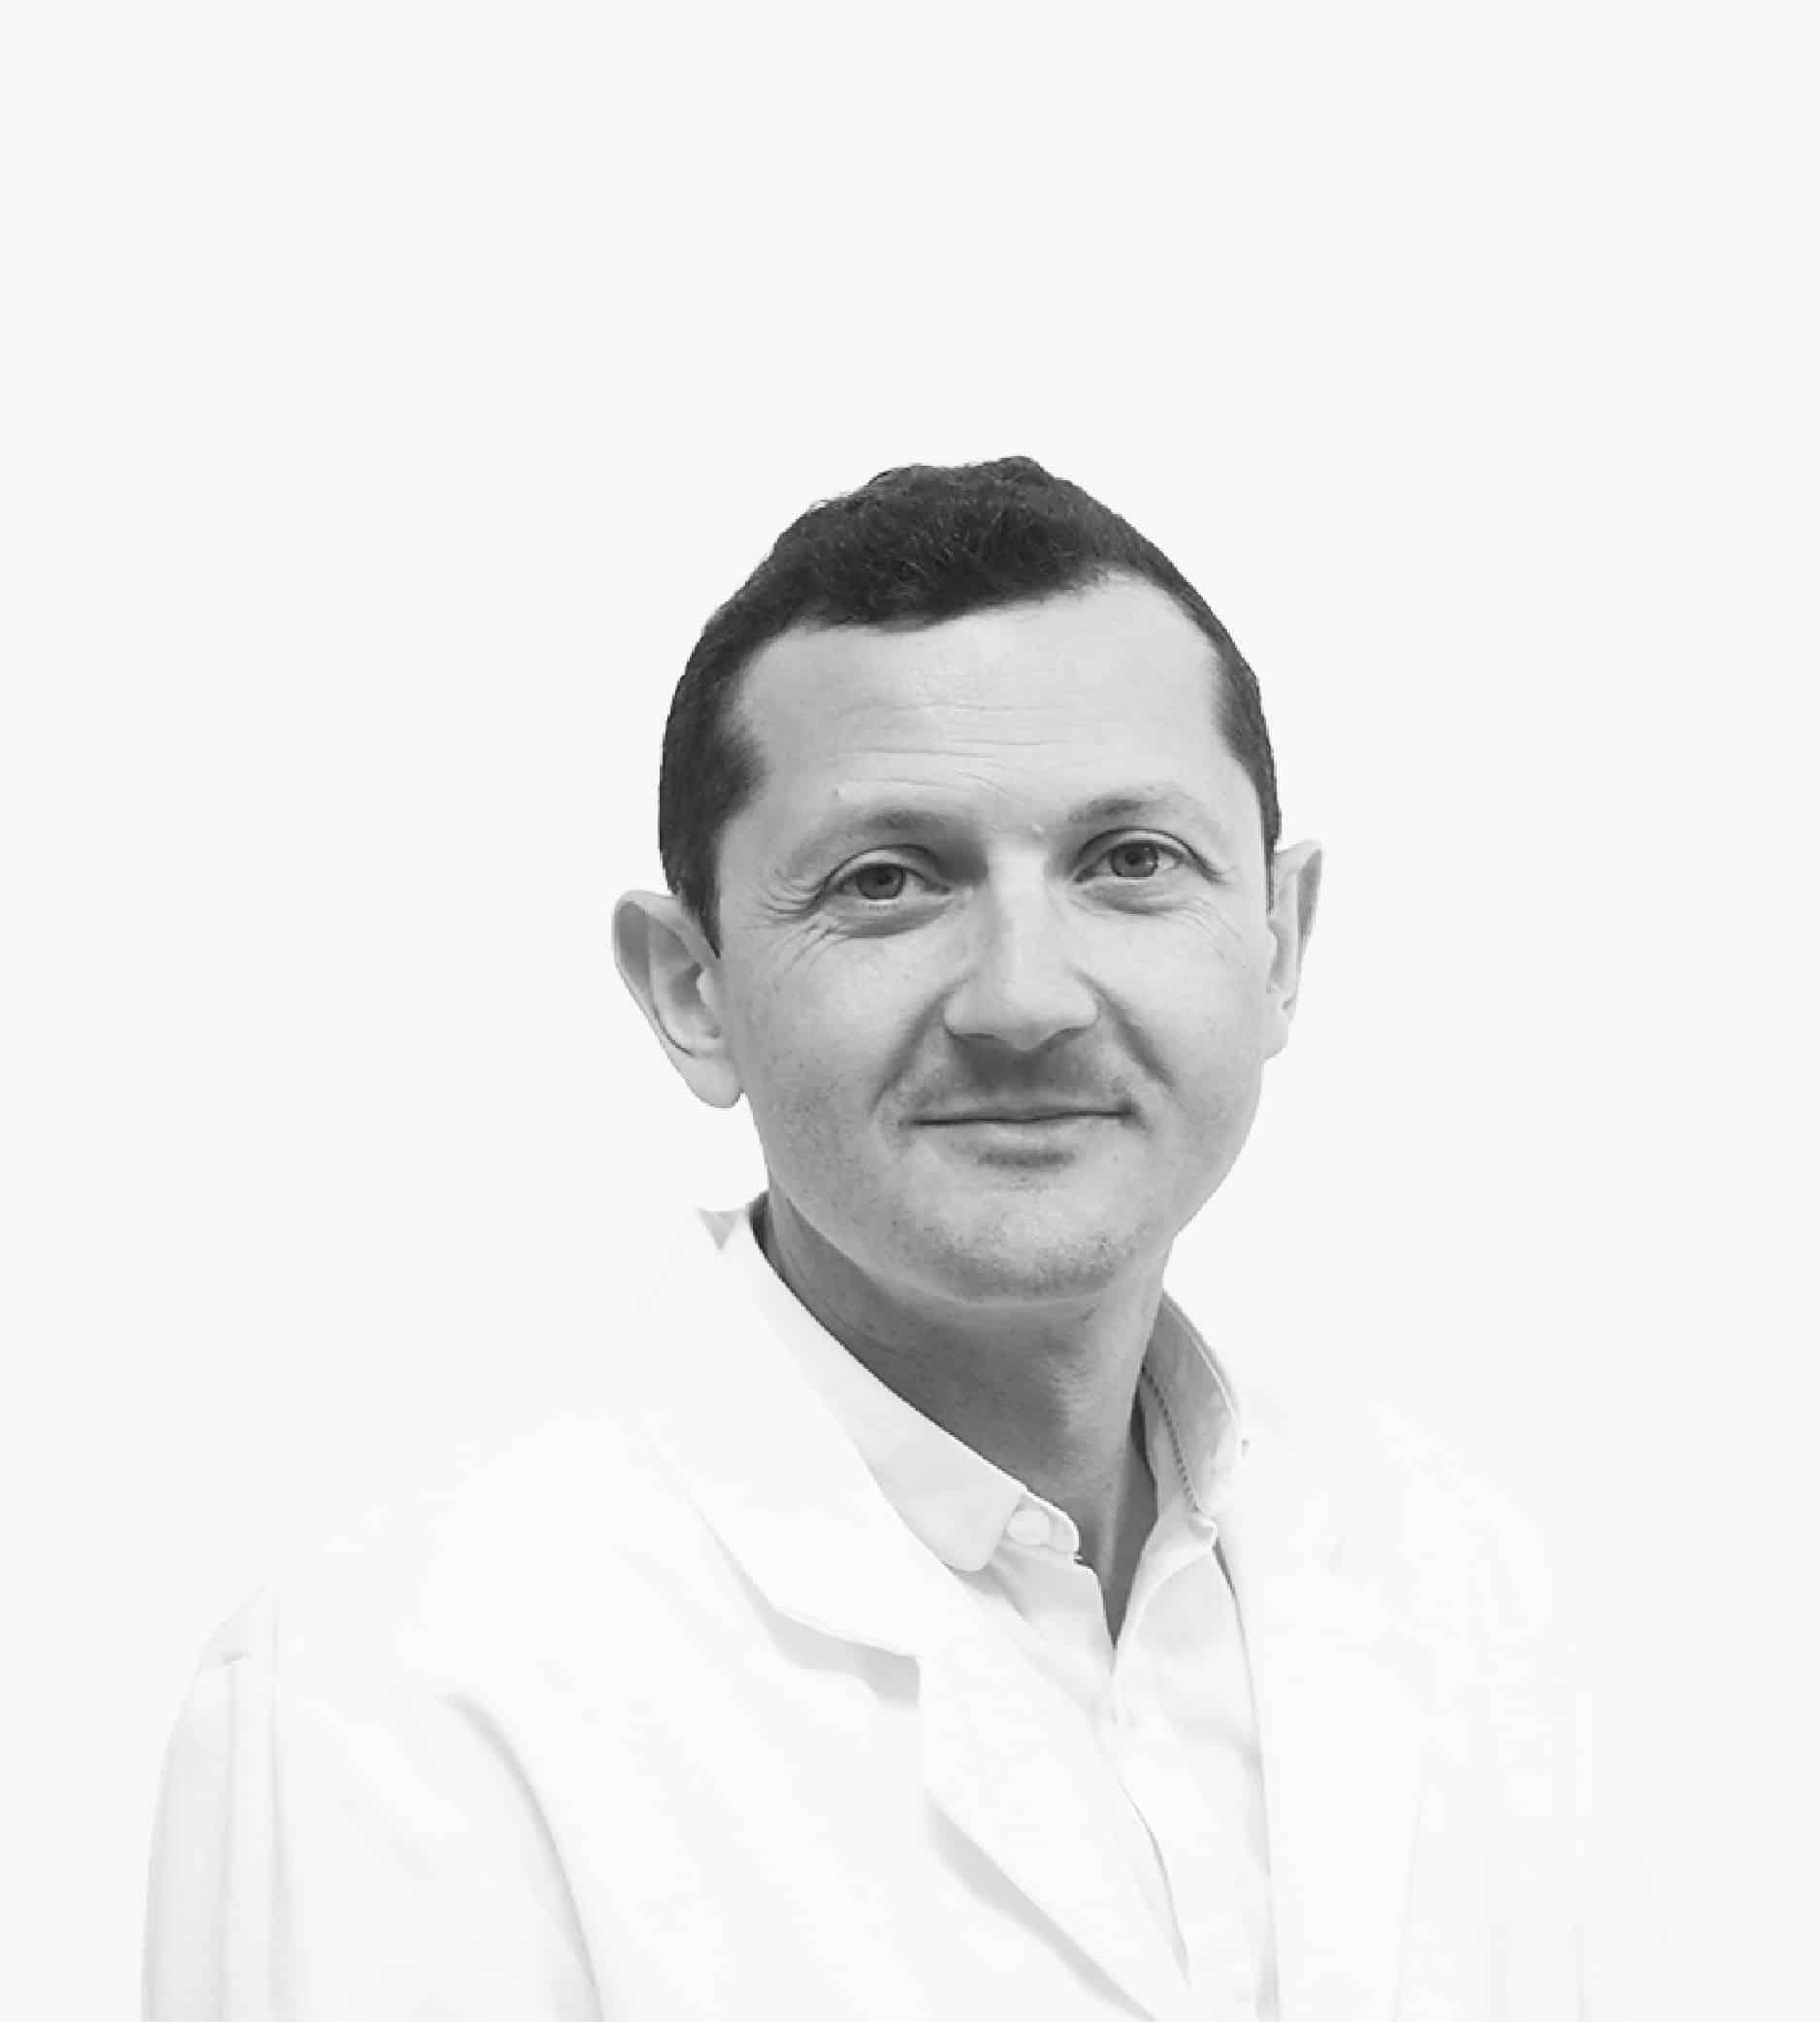 Dr MOHAMED AKKARI